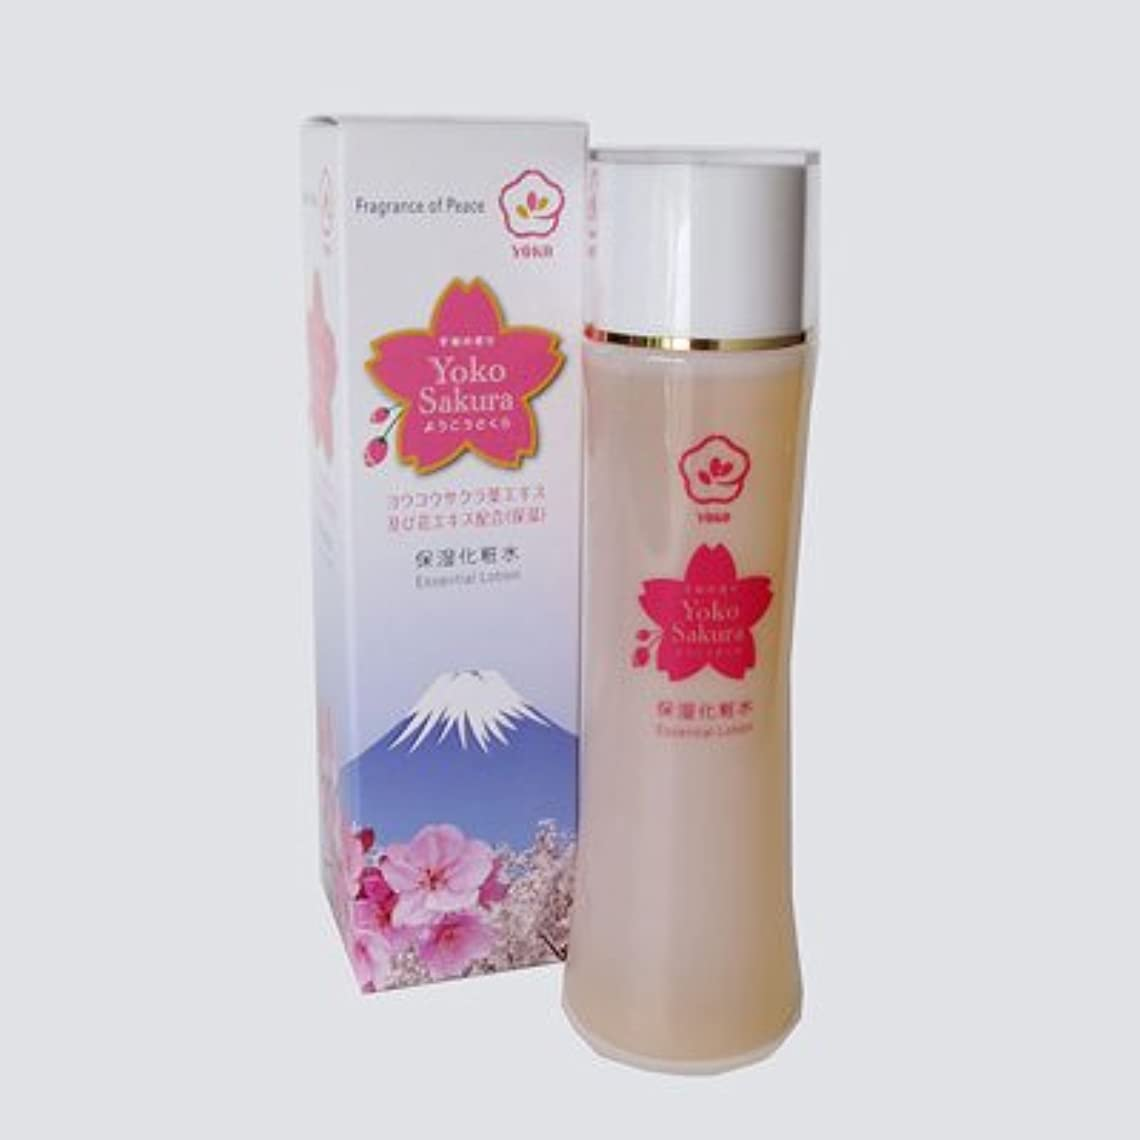 鋼大声でオートメーション陽光ローション(保湿化粧水) 陽光桜のエキス配合の保湿化粧水。敏感肌の方にもどうぞ